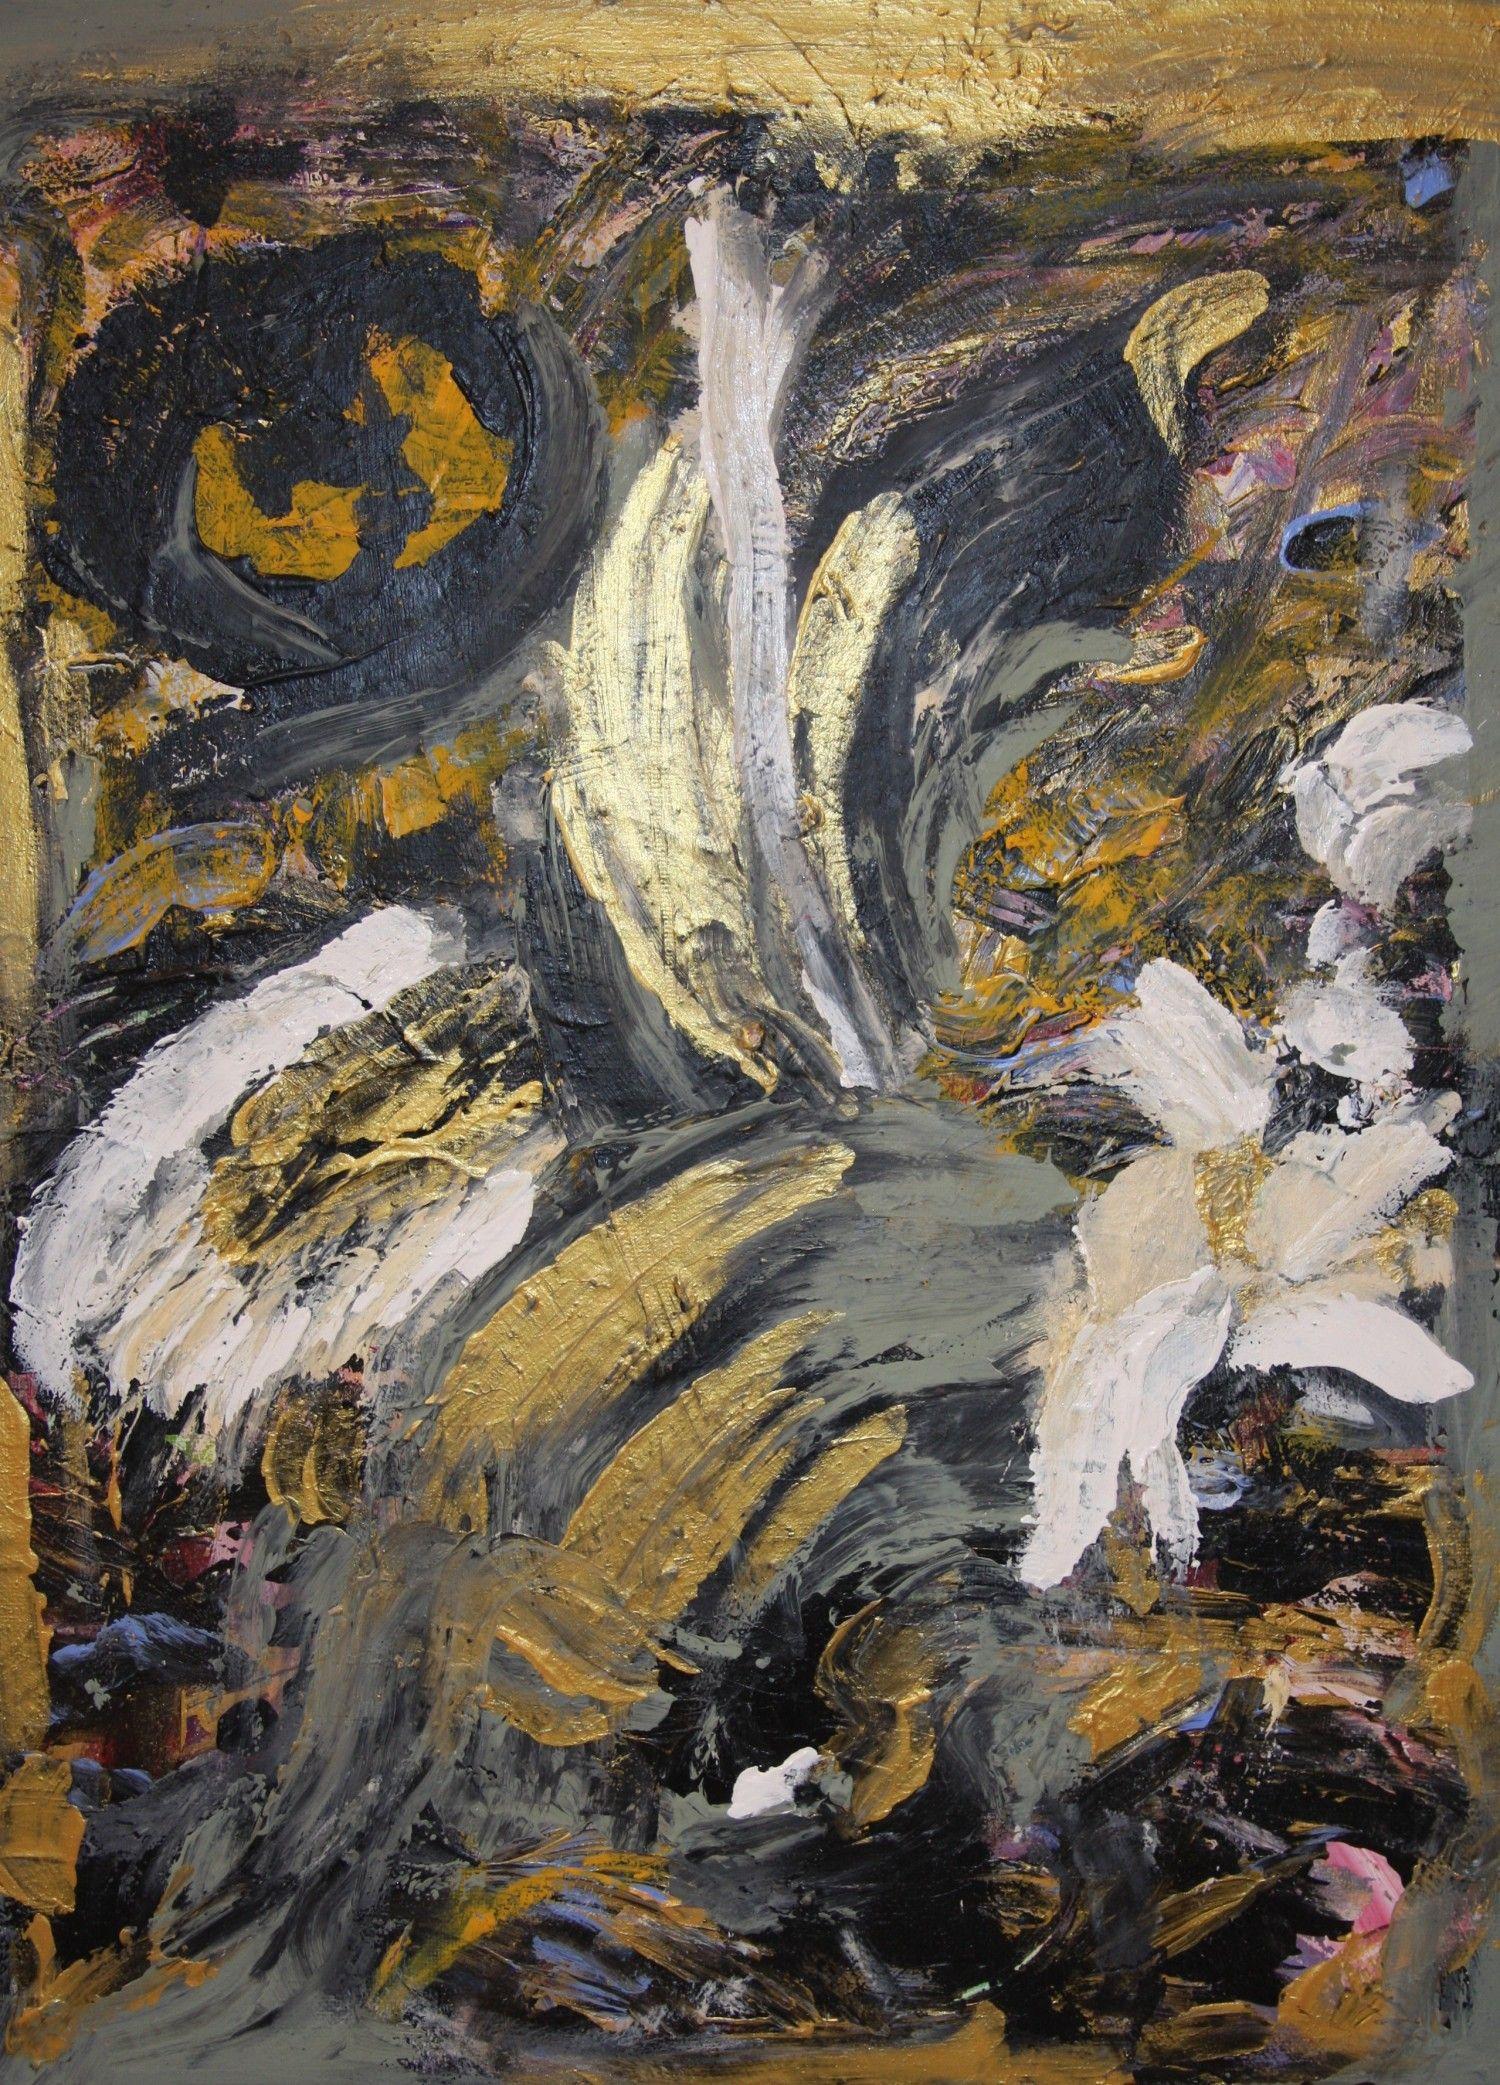 Debus abstract design contemporary abstract art